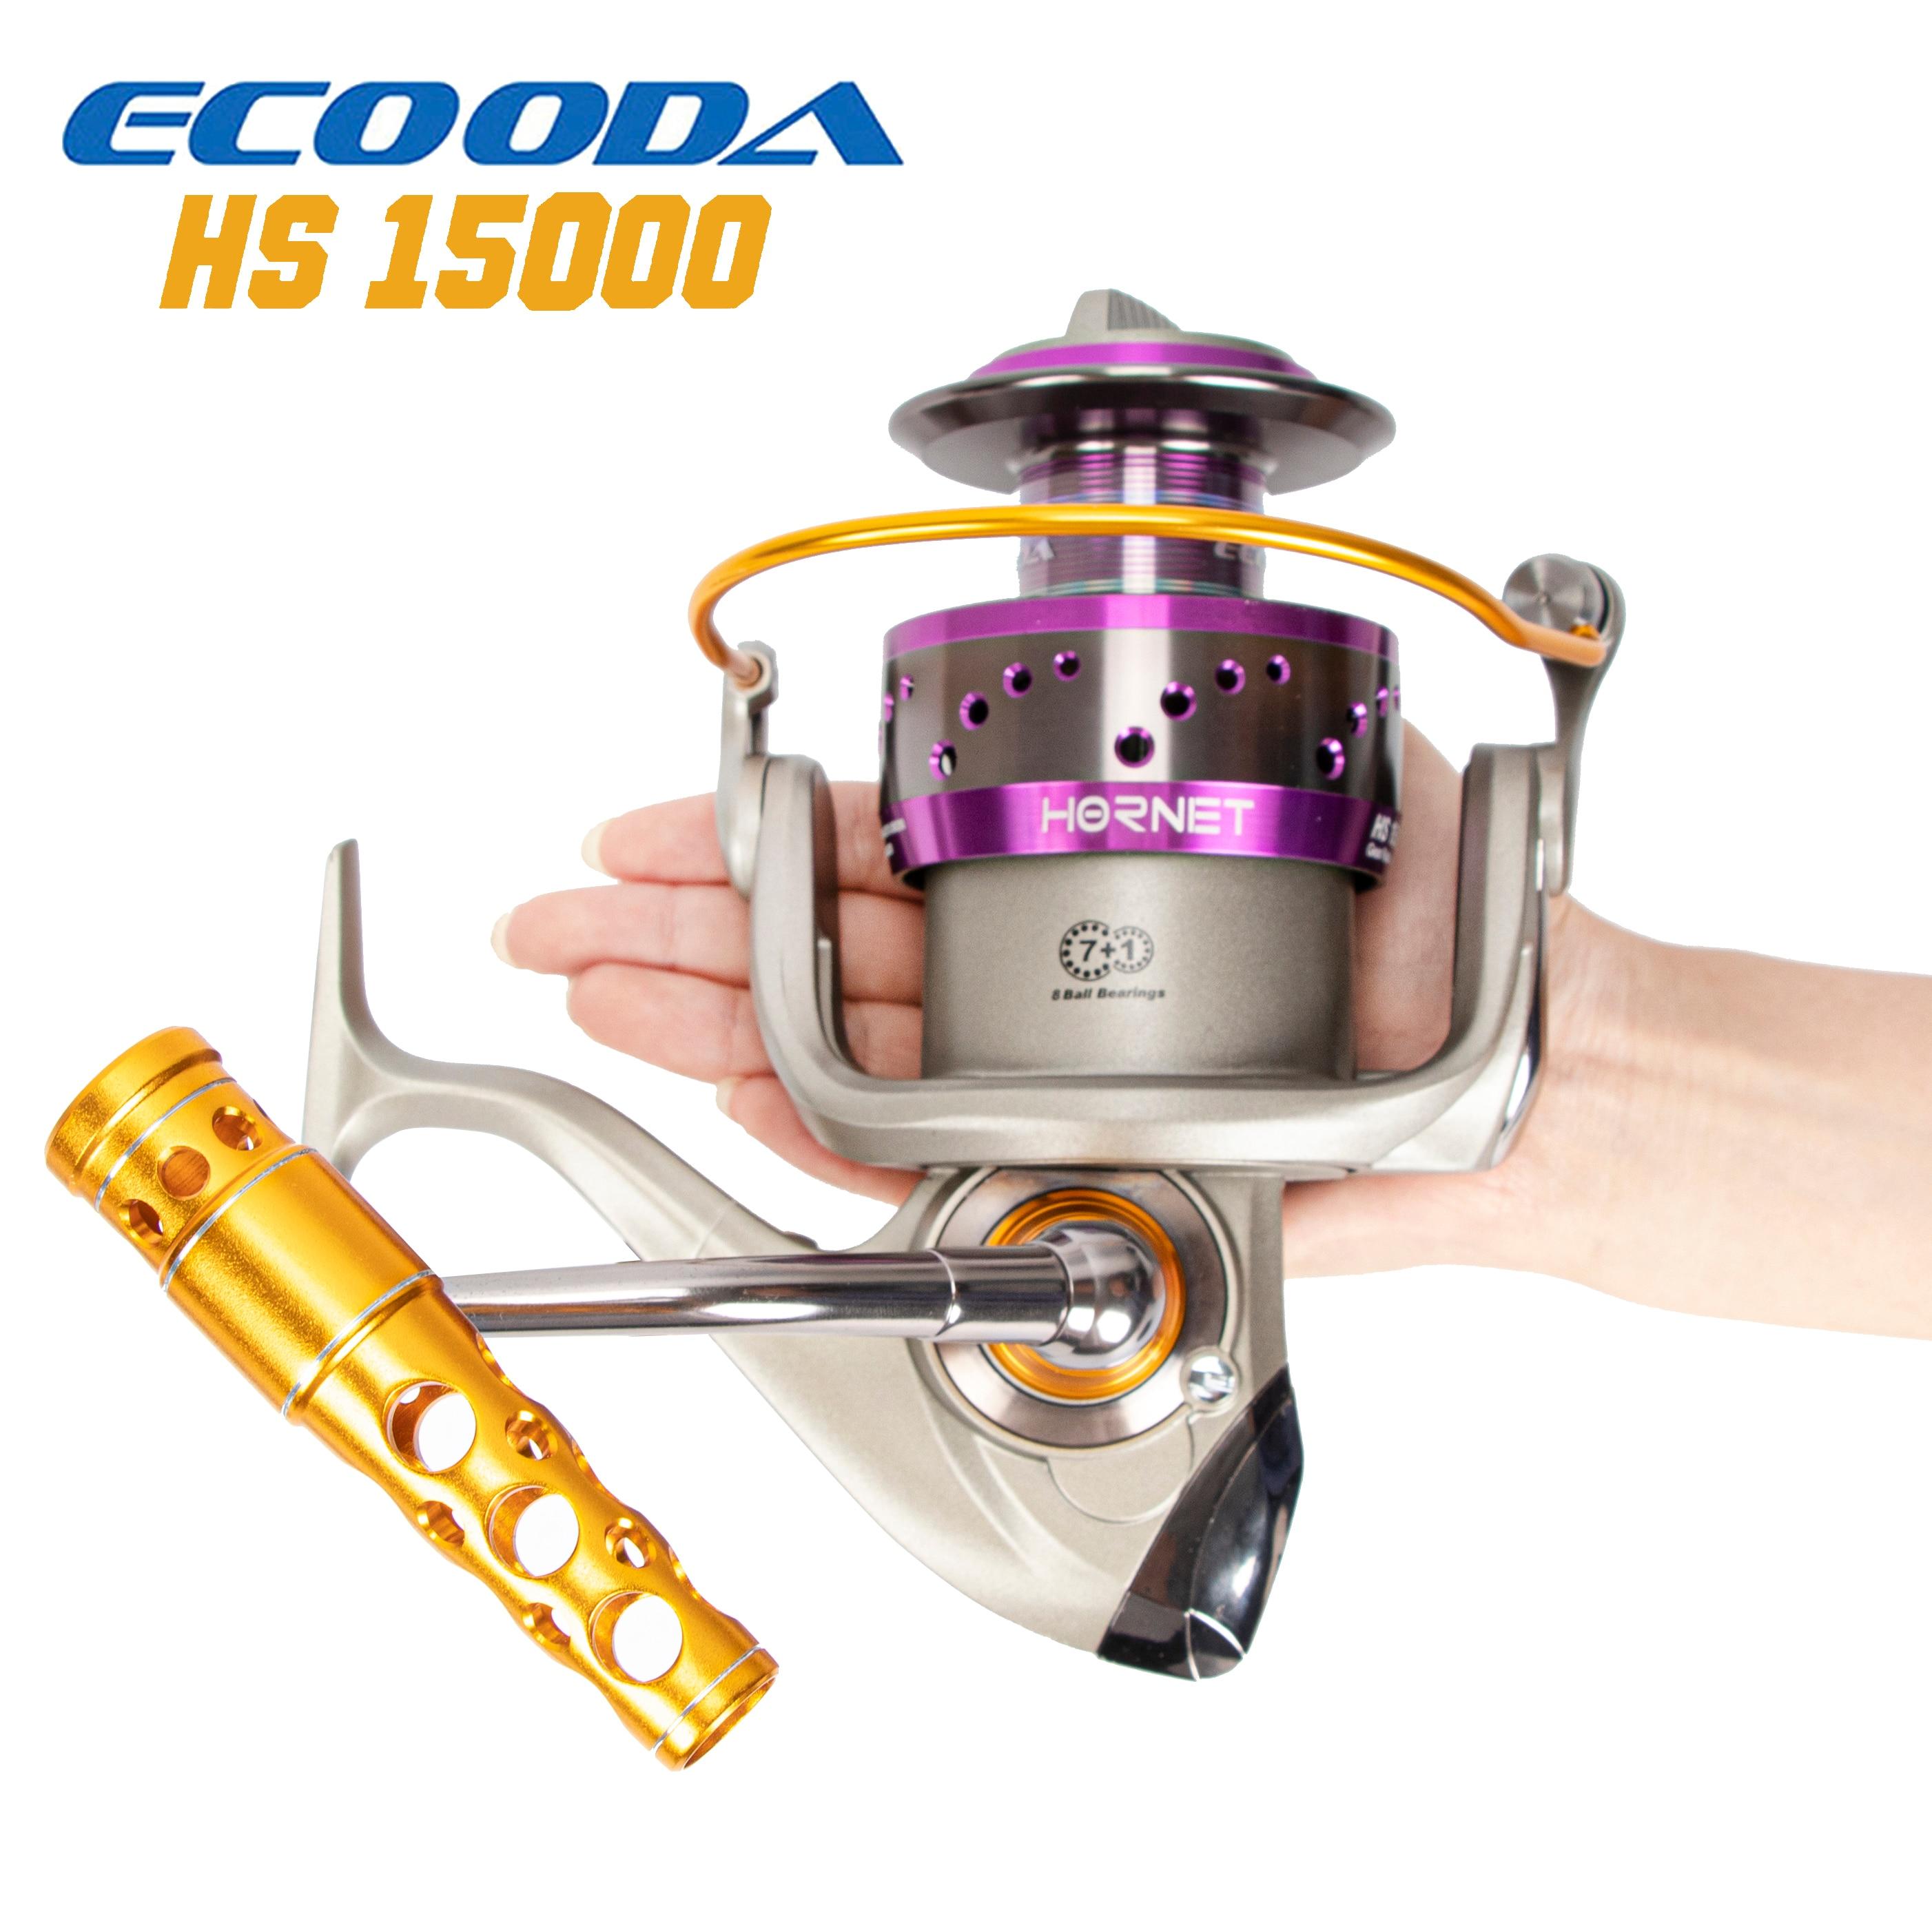 ecooda 2019 nova hornet 15000 pesados metal fiacao carretel de pesca barco de agua salgada rock